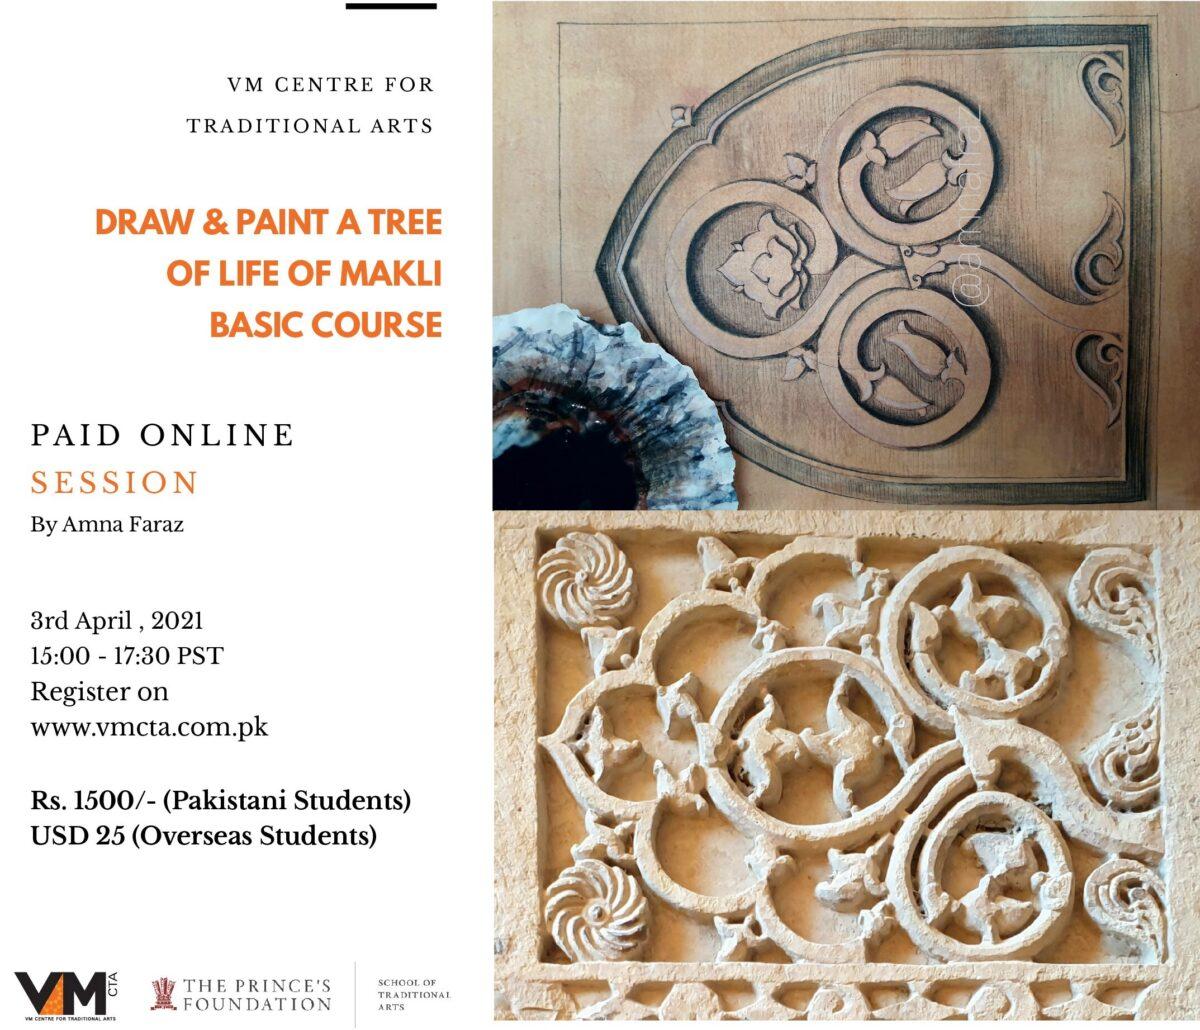 Draw & Paint a Tree of Life of Makli